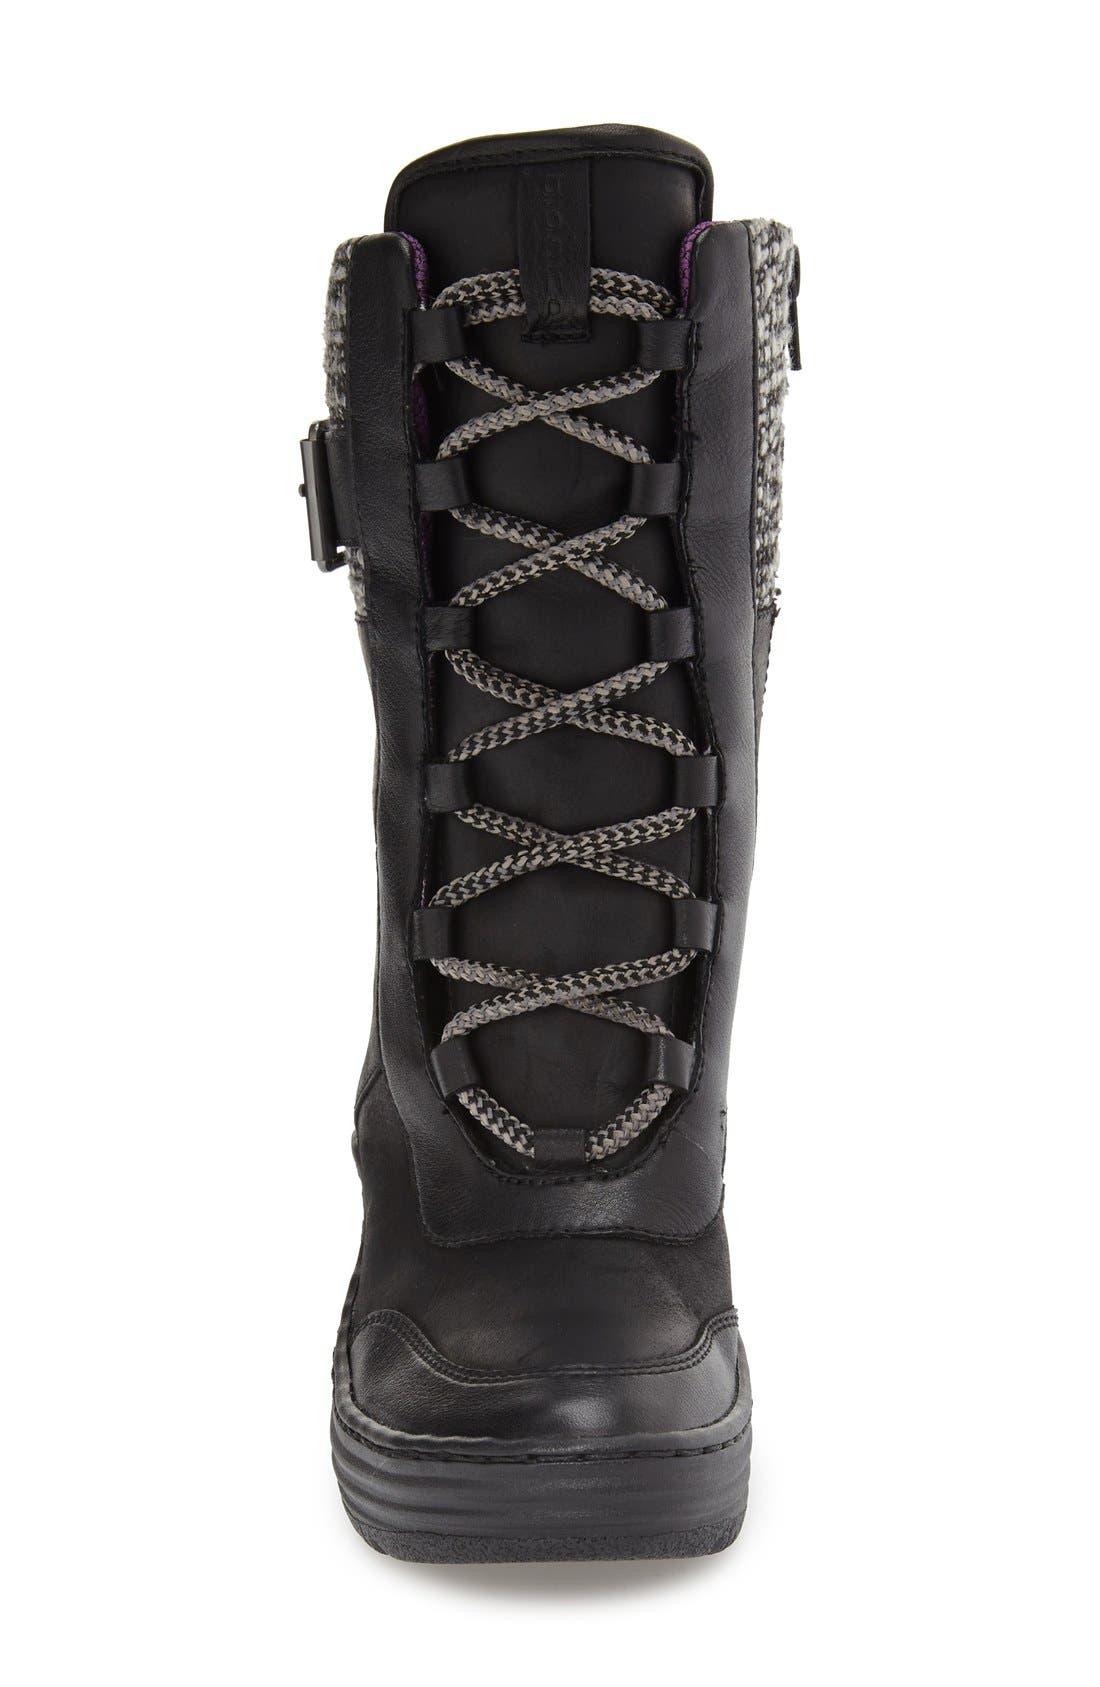 Garland Waterproof Wedge Boot,                             Alternate thumbnail 2, color,                             Black Waterproof Leather